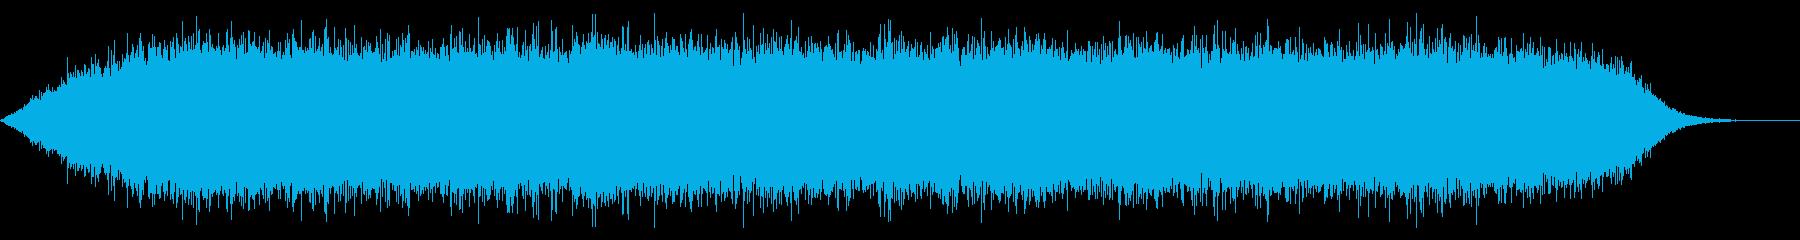 Dark_ホラーで怪しく神秘的-18_Sの再生済みの波形